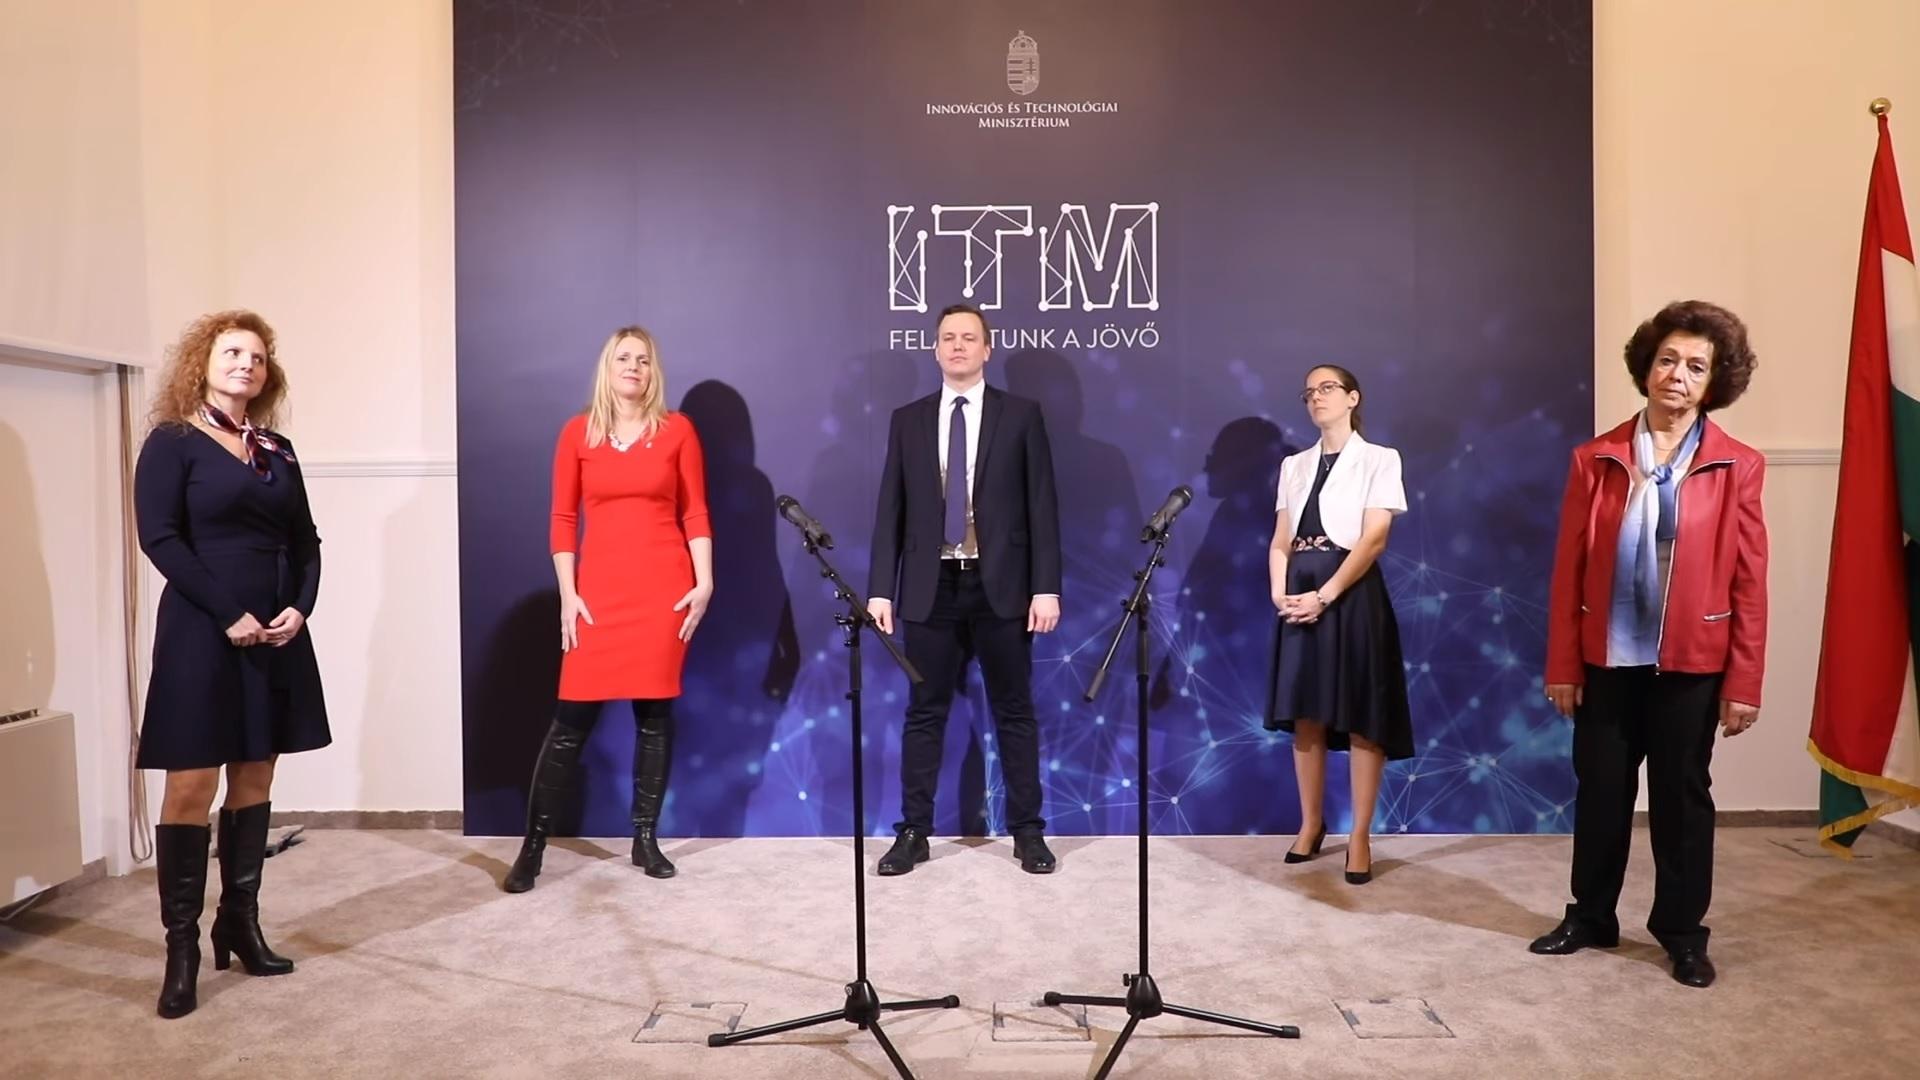 Ez aztán az innováció: a helyettes államtitkár és kollégái ütős karácsonyi slágerrel lepték meg az ITM dolgozóit